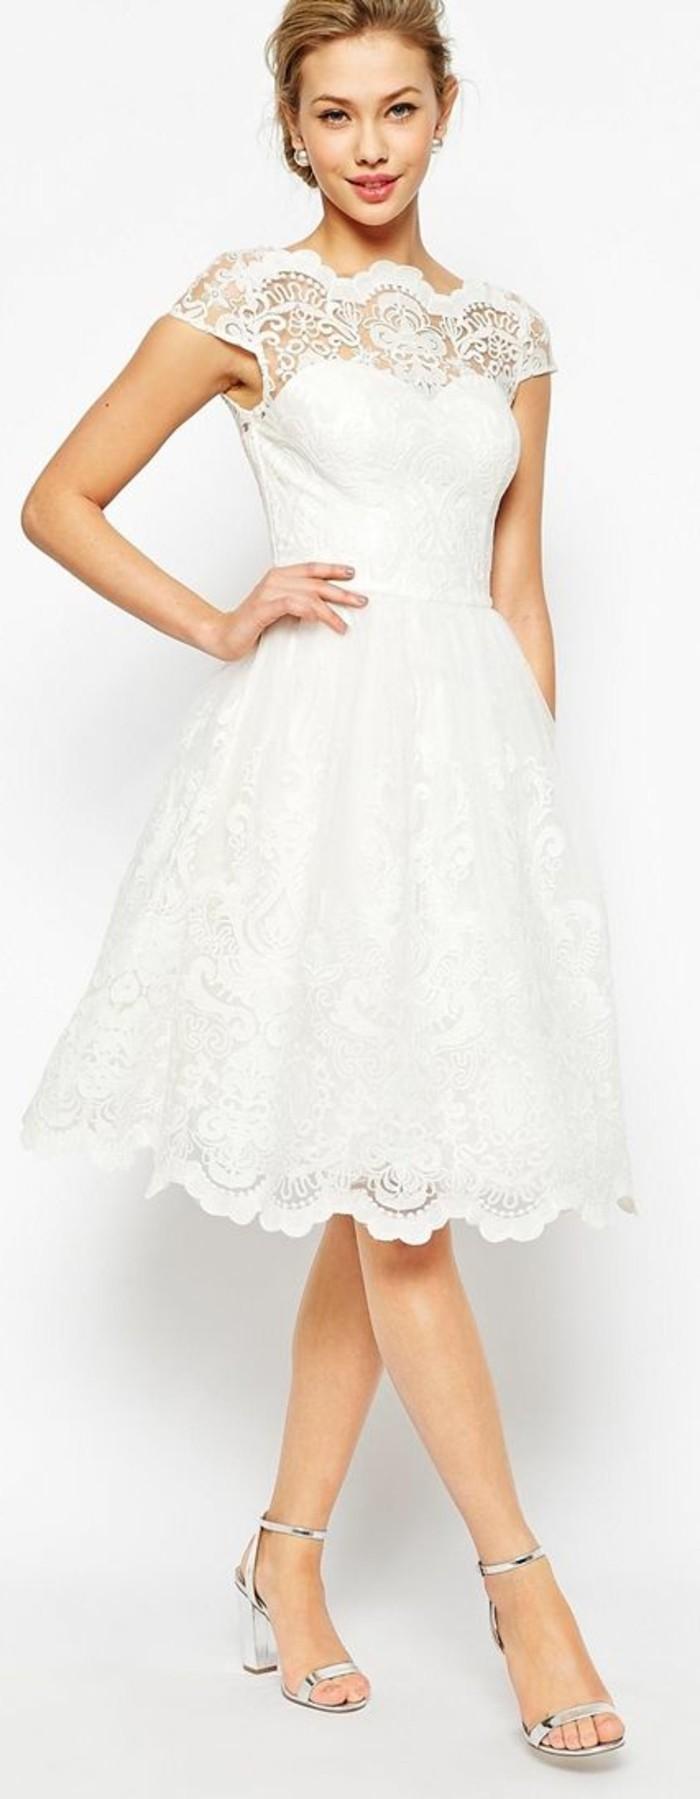 vestidos-de-novia-cortos-vestido-romantico-con-detalles-de-encaje